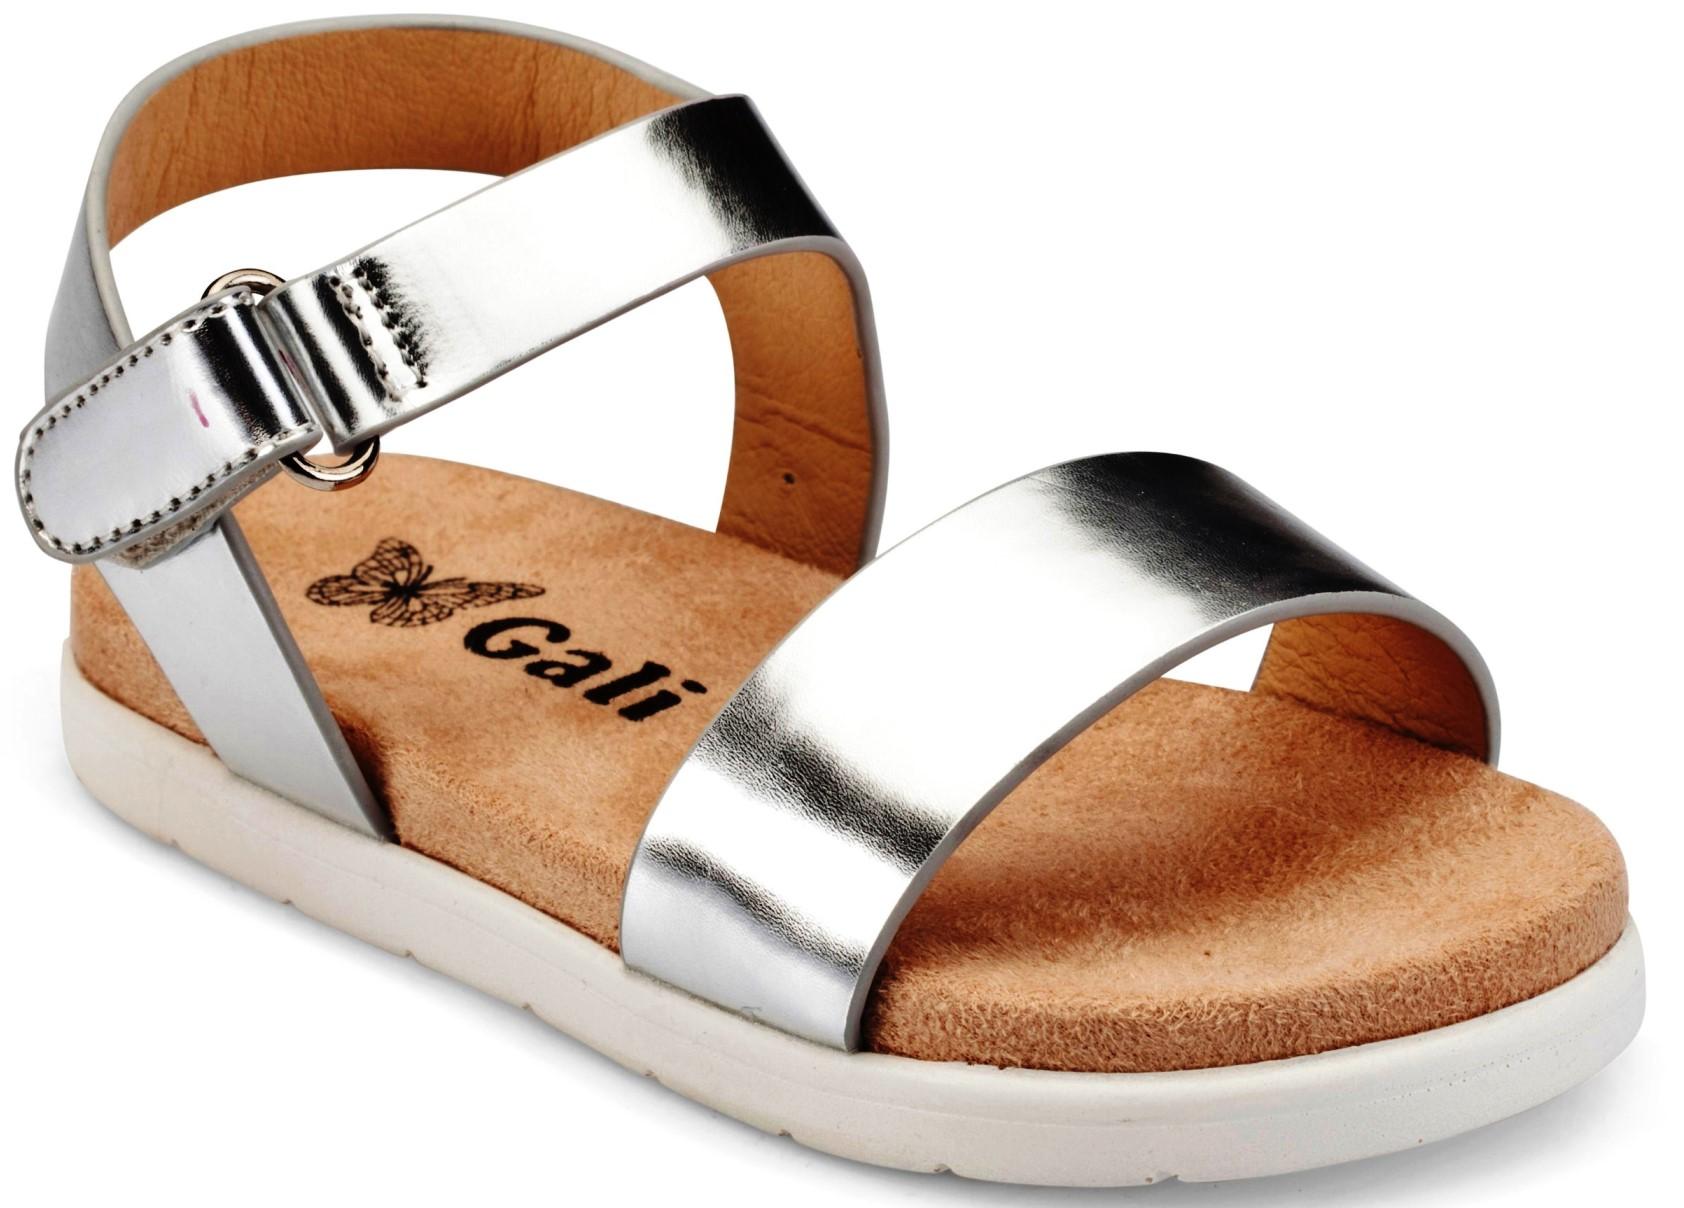 נעלי גלי. כ-200 שקלים. צילום ירון וינברג